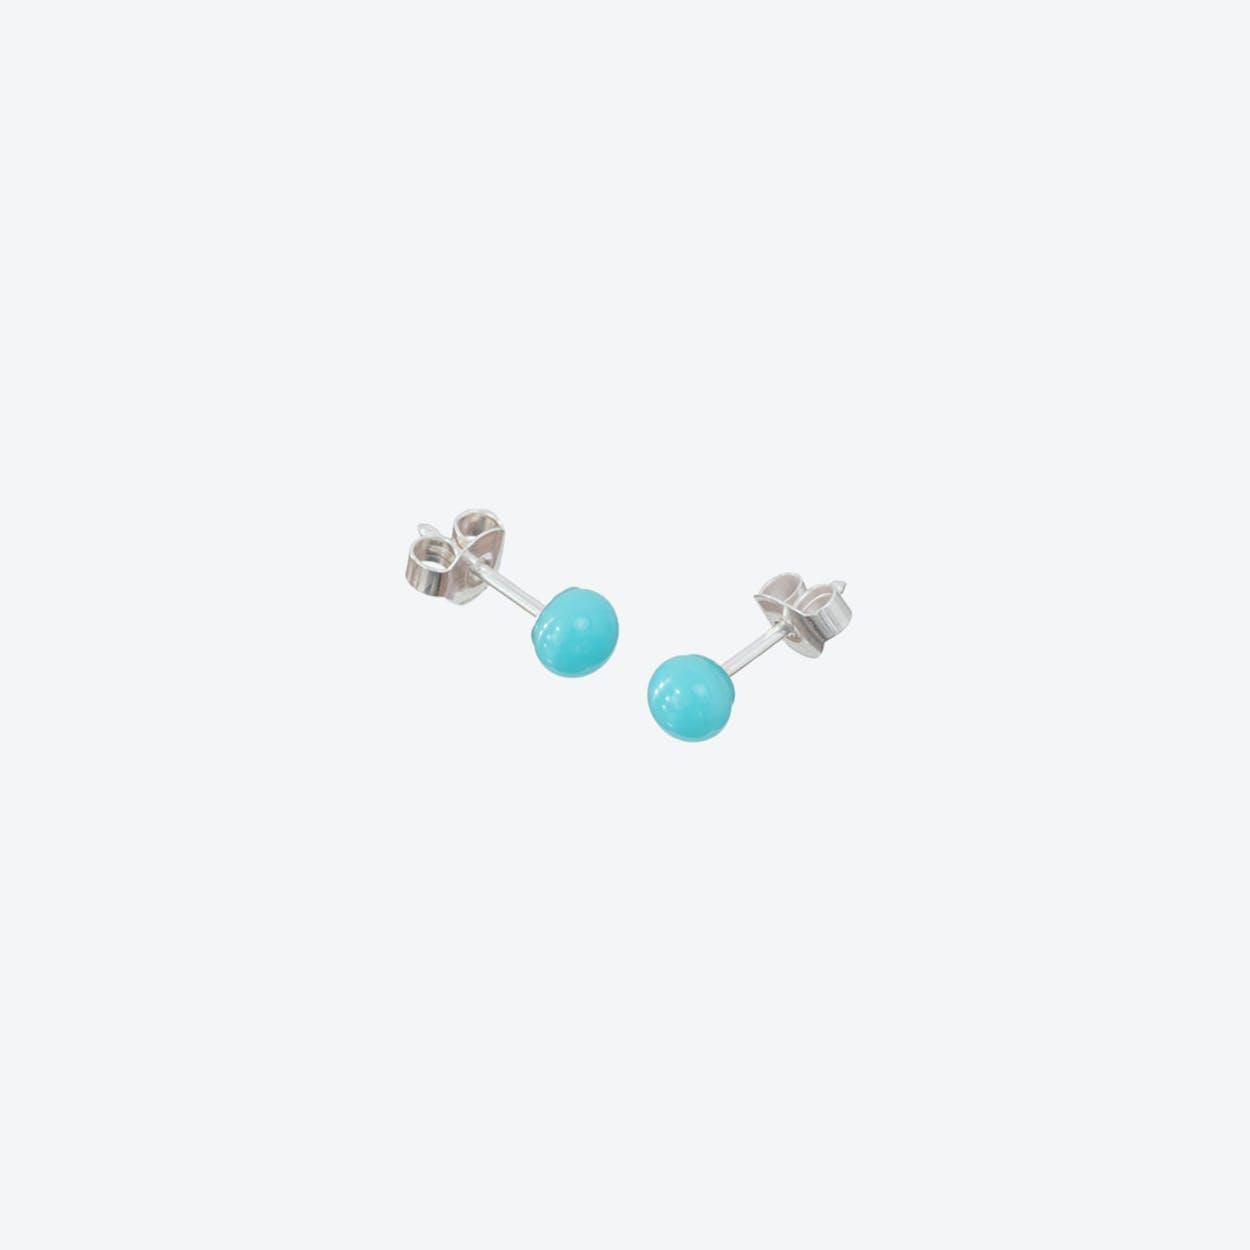 Pin Earrings in Baby Blue